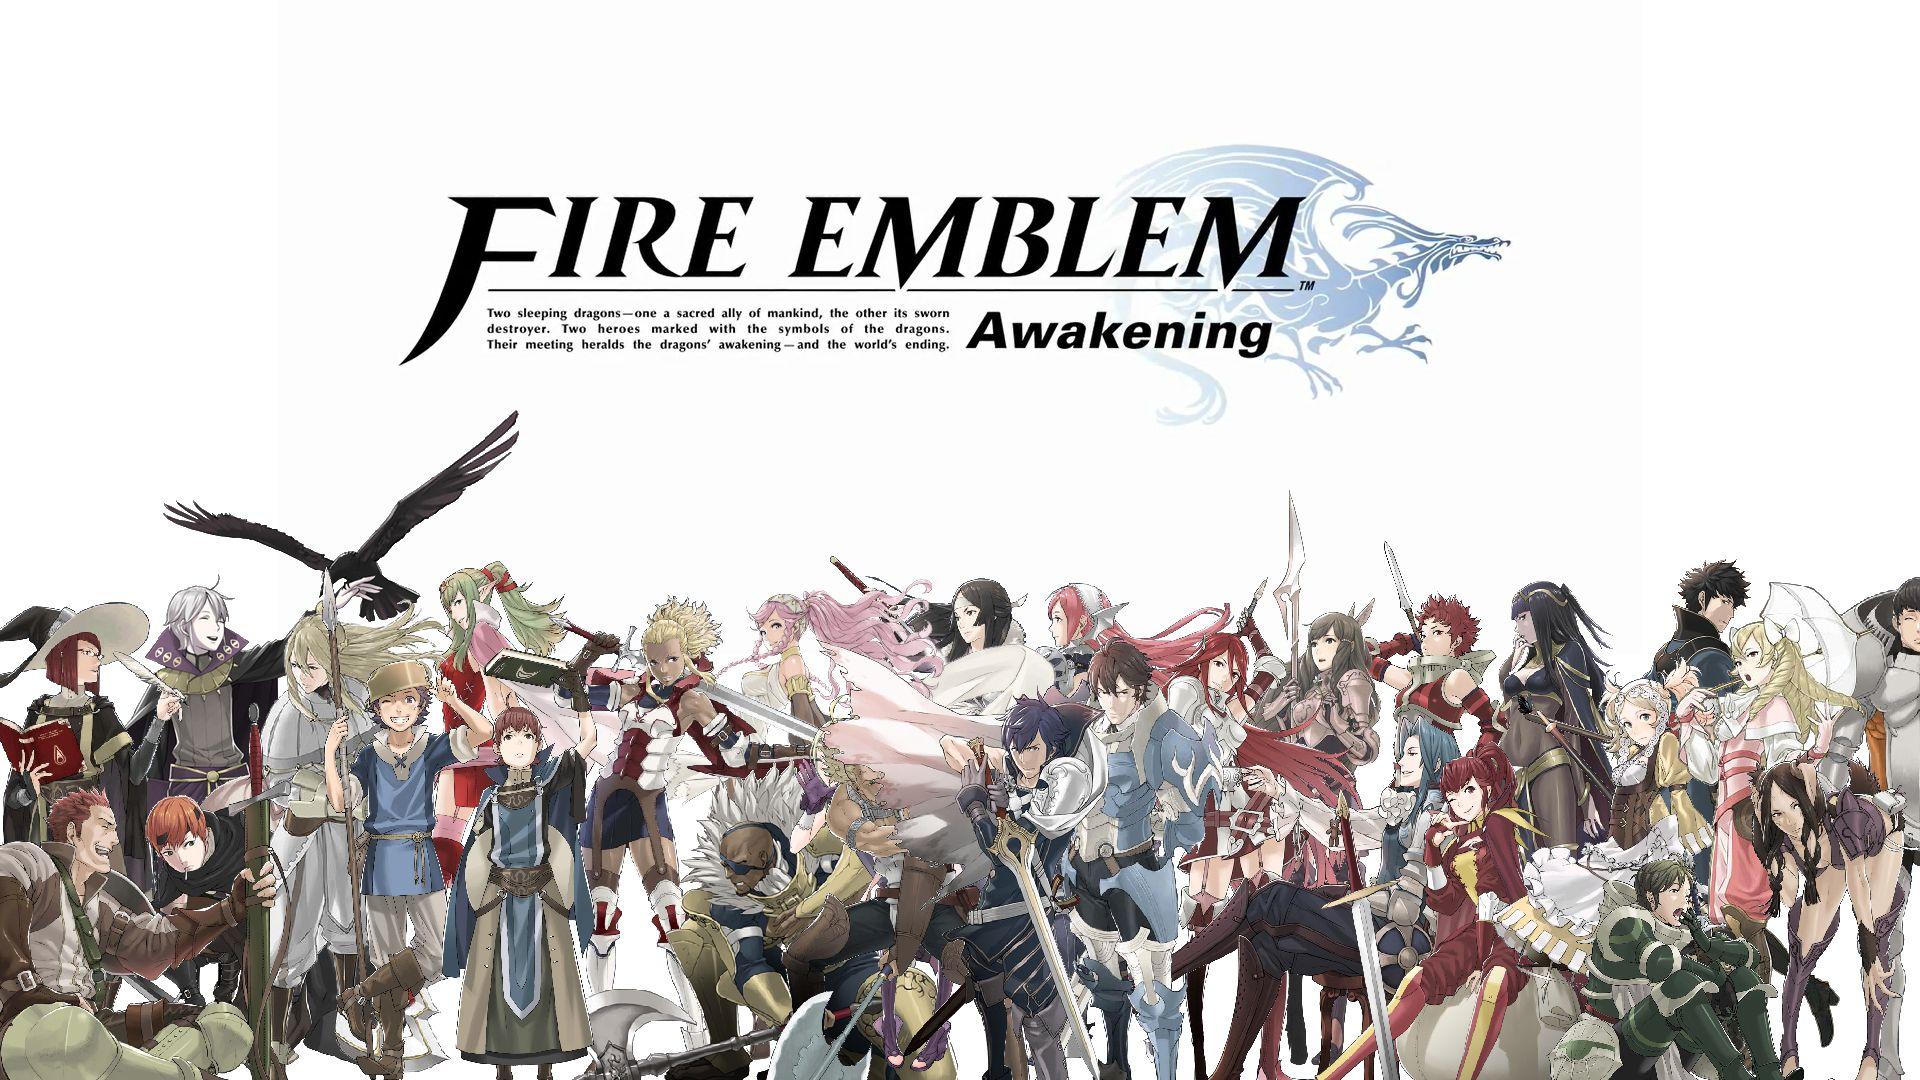 Image Result For Fire Emblem Awakening Wallpaper 1920x1080 Fire Emblem Awakening Fire Emblem Emblems